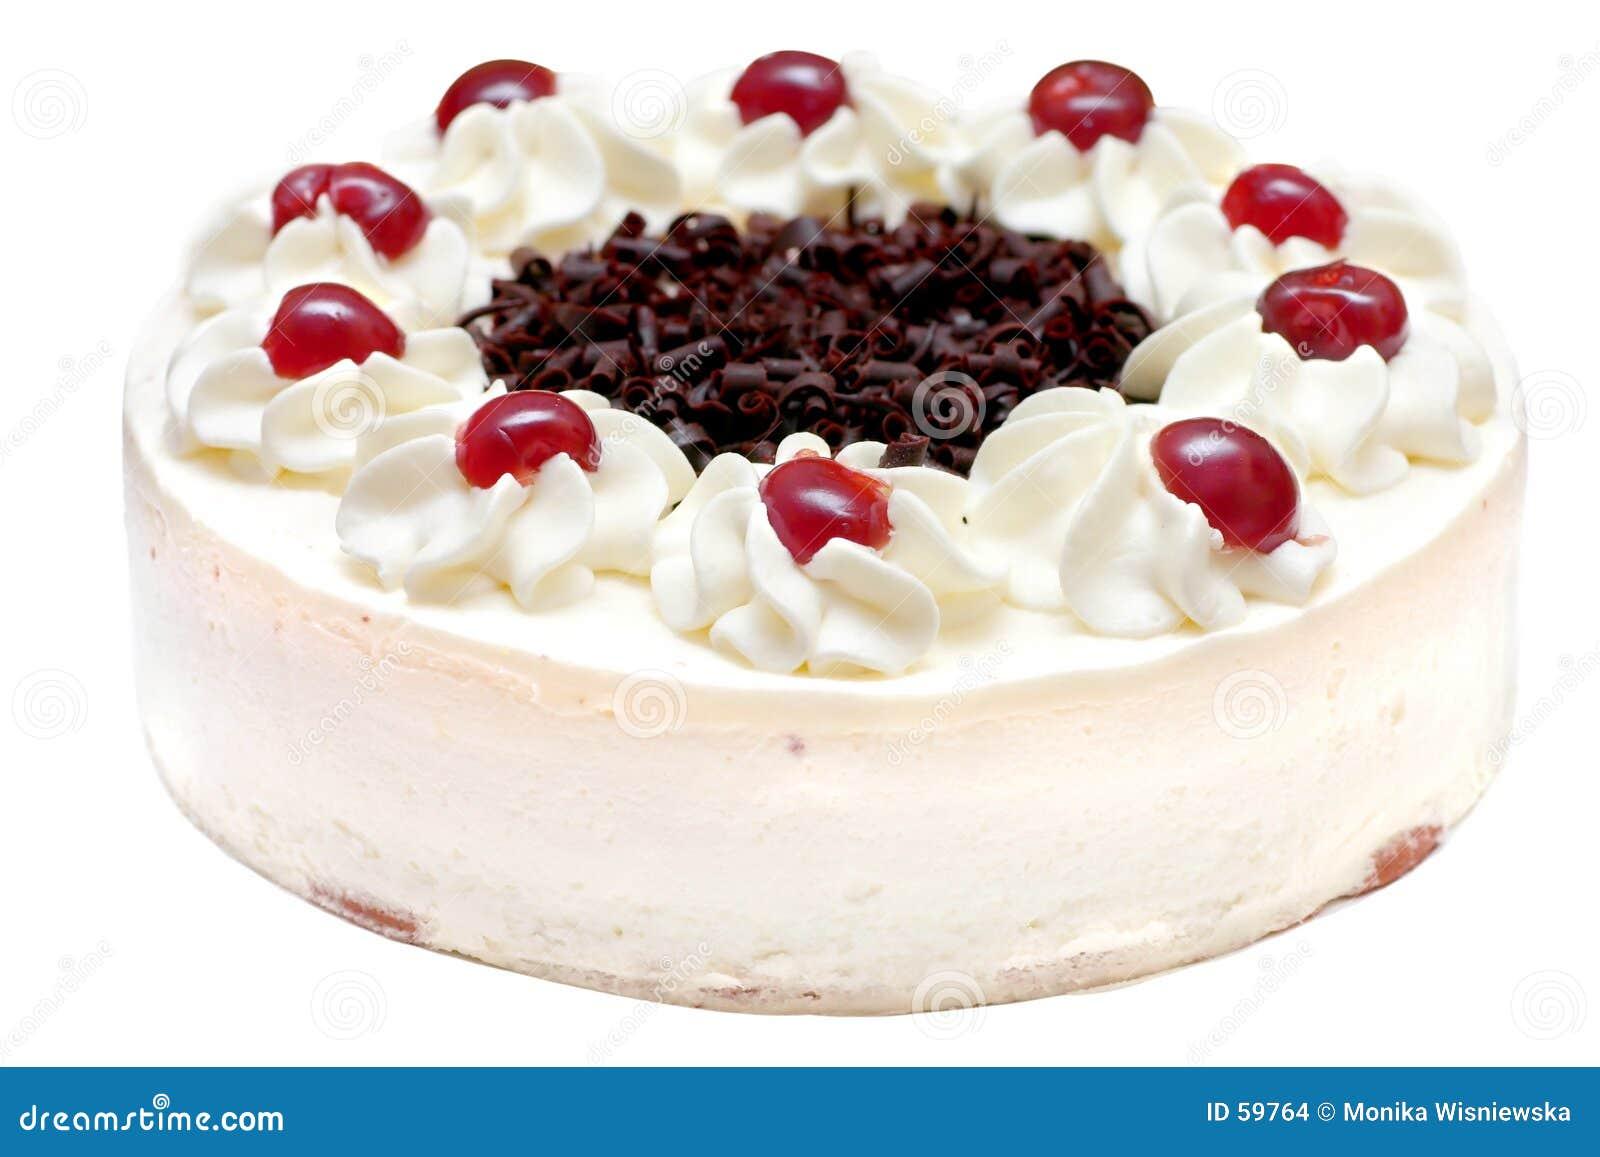 Download Gâteau crème fouetté photo stock. Image du gâteaux, délicieux - 59764